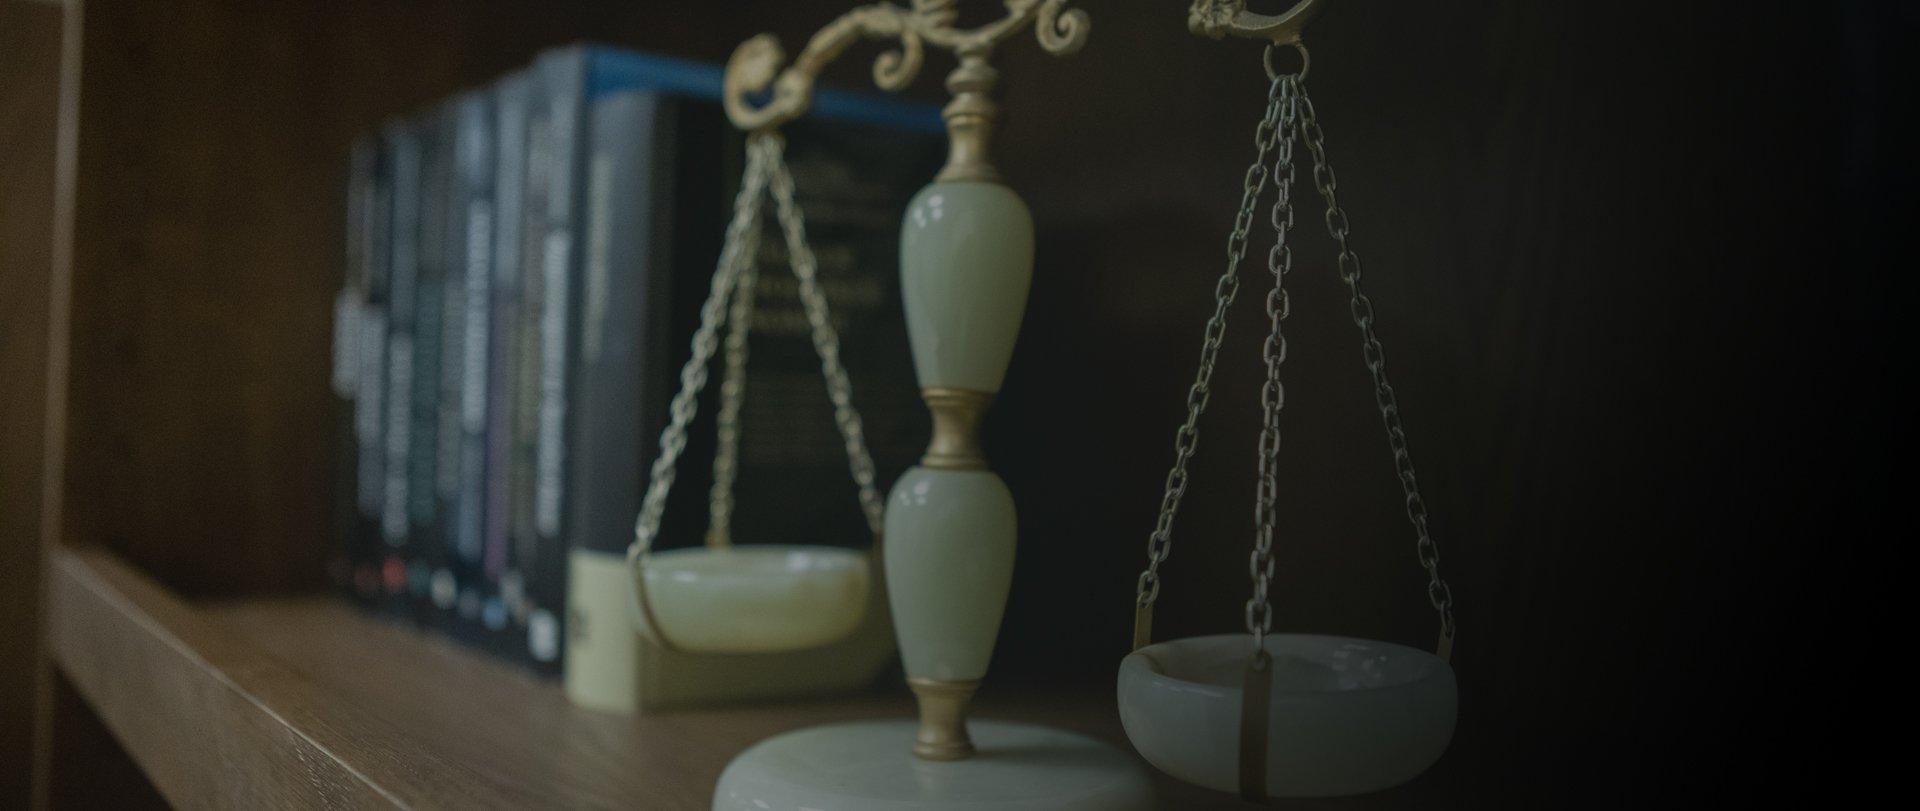 Διαρκής Ενημέρωση - Δικηγορικό Γραφείο Χρονόπουλος και συνεργάτες